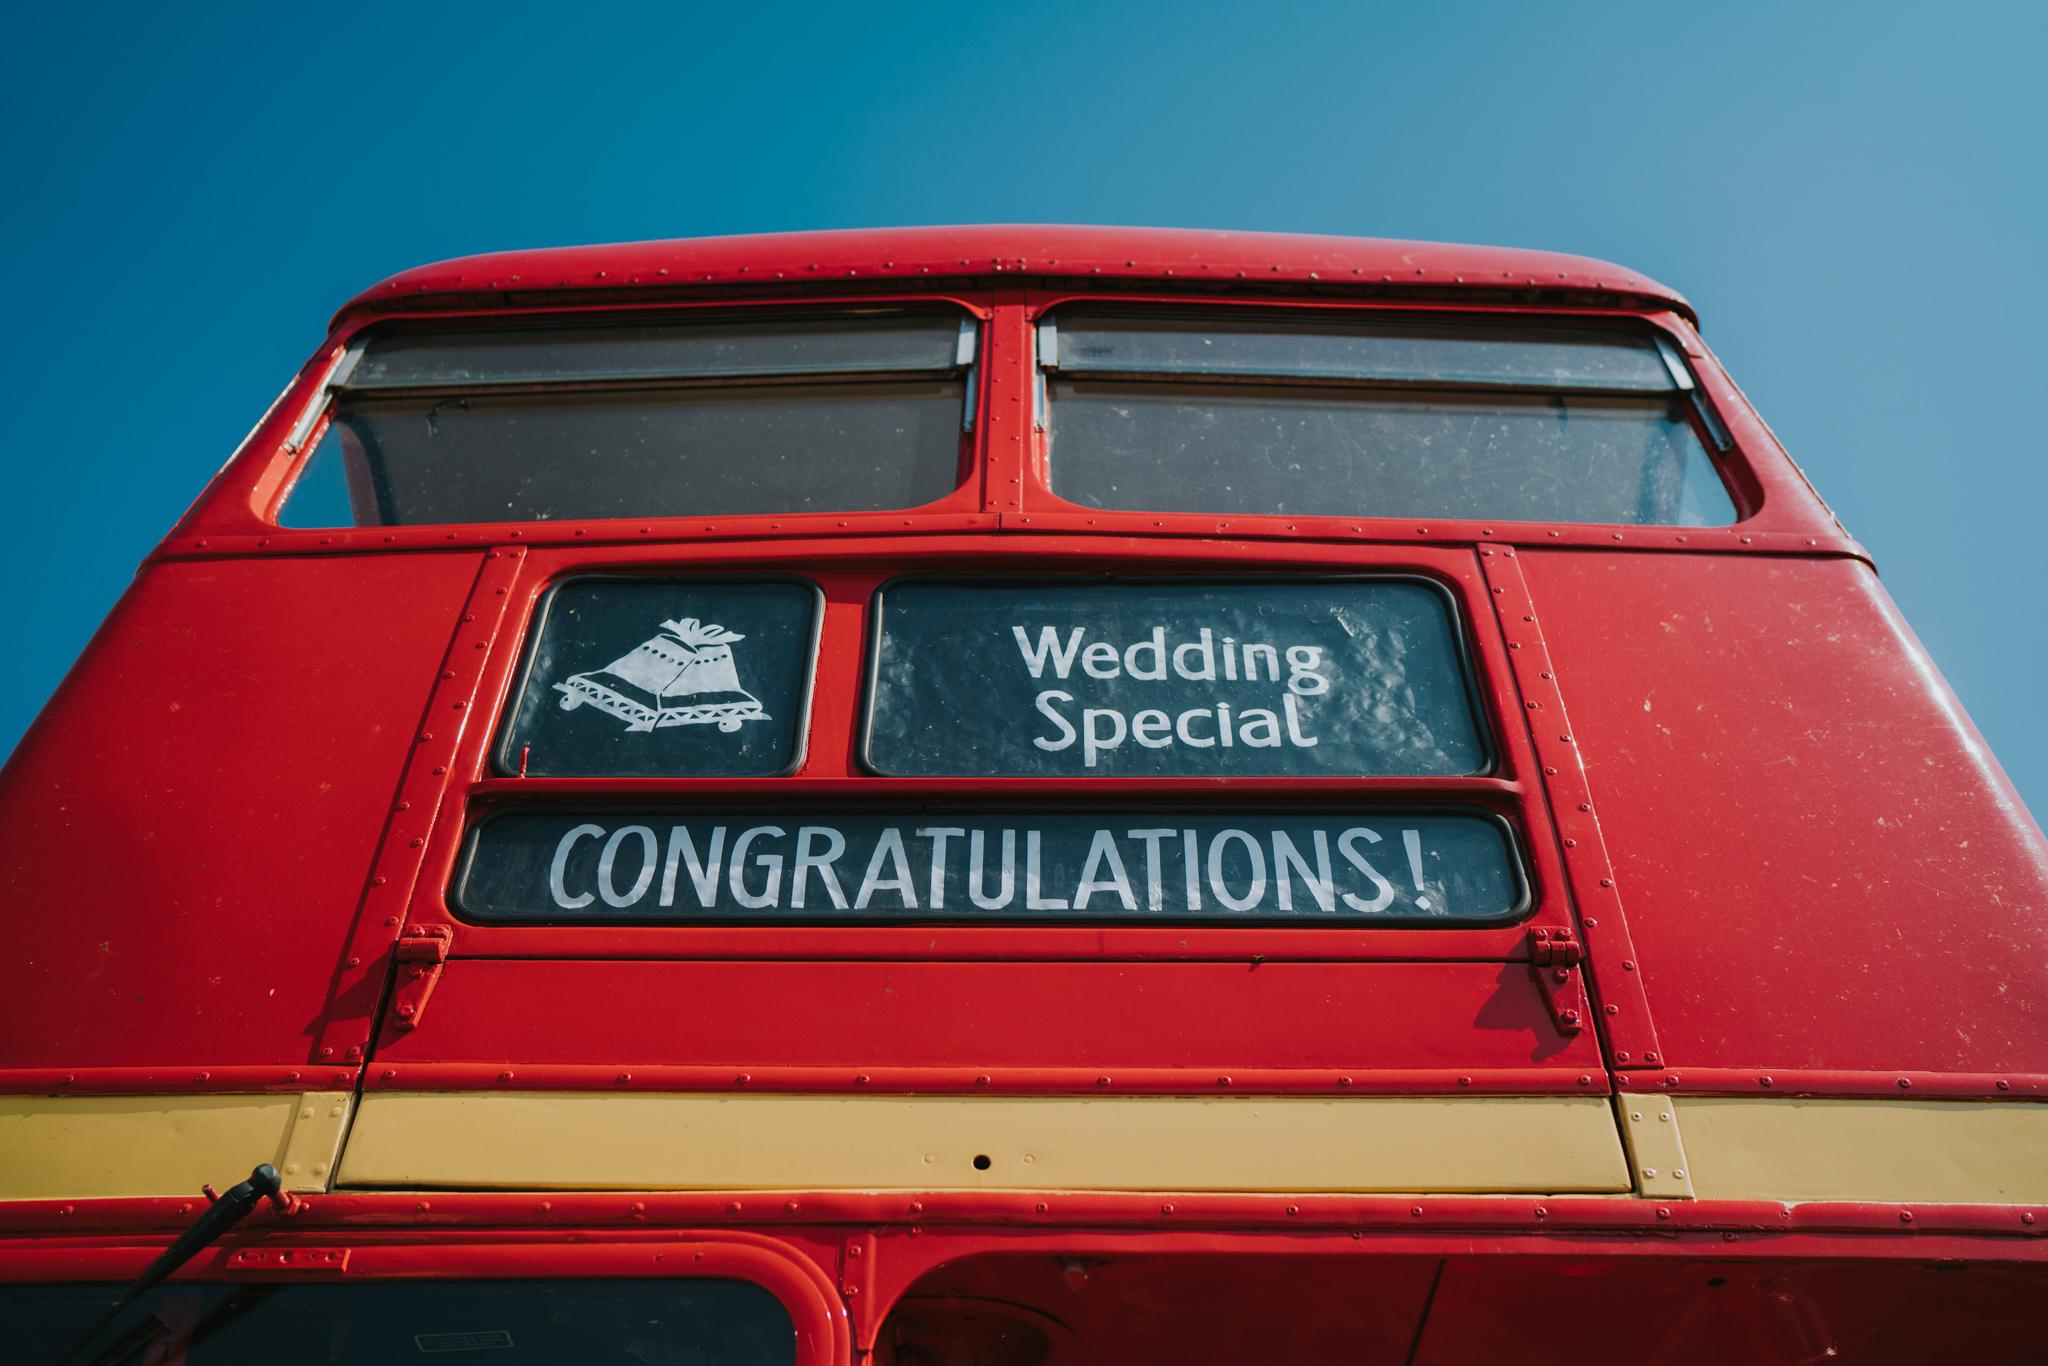 Joe-Tiffany-Colchester-Castle-Wedding-Essex-Grace-Elizabeth-Colchester-Essex-Alternative-Wedding-Photographer-Suffolk-Norfolk-Devon (37 of 122).jpg